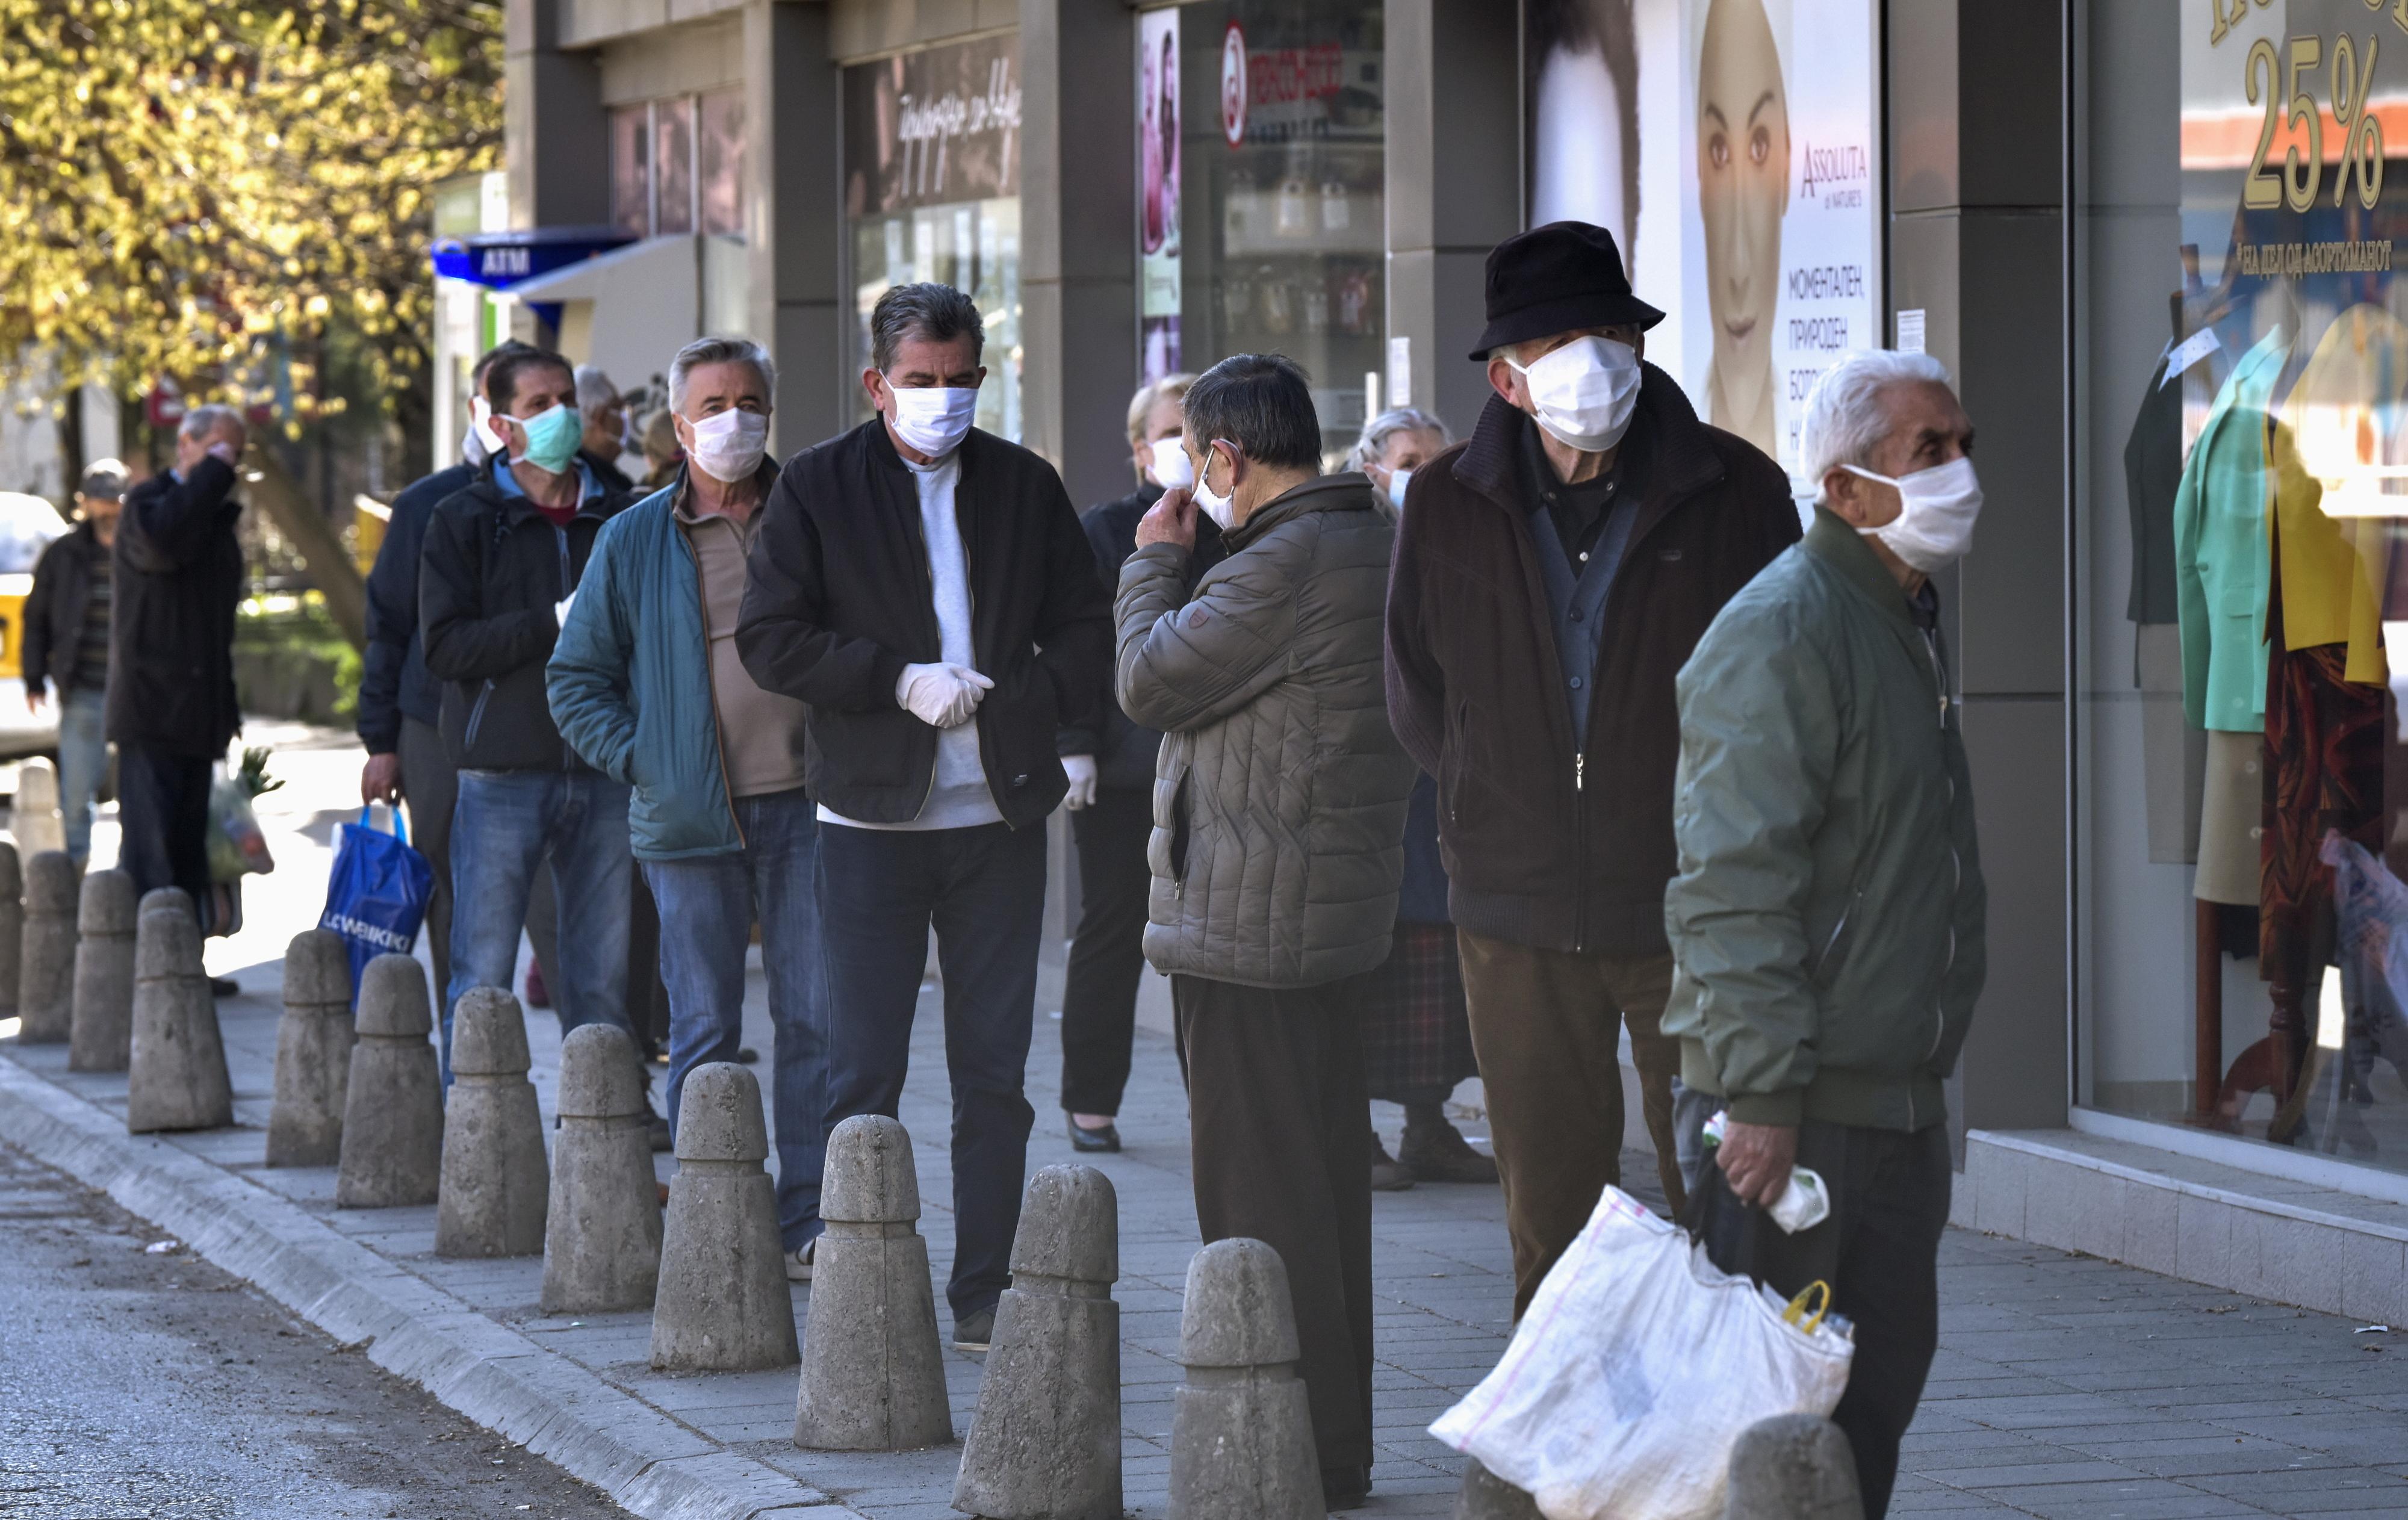 OMS recomenda avaliação de riscos antes de decisão sobre uso generalizado de máscaras